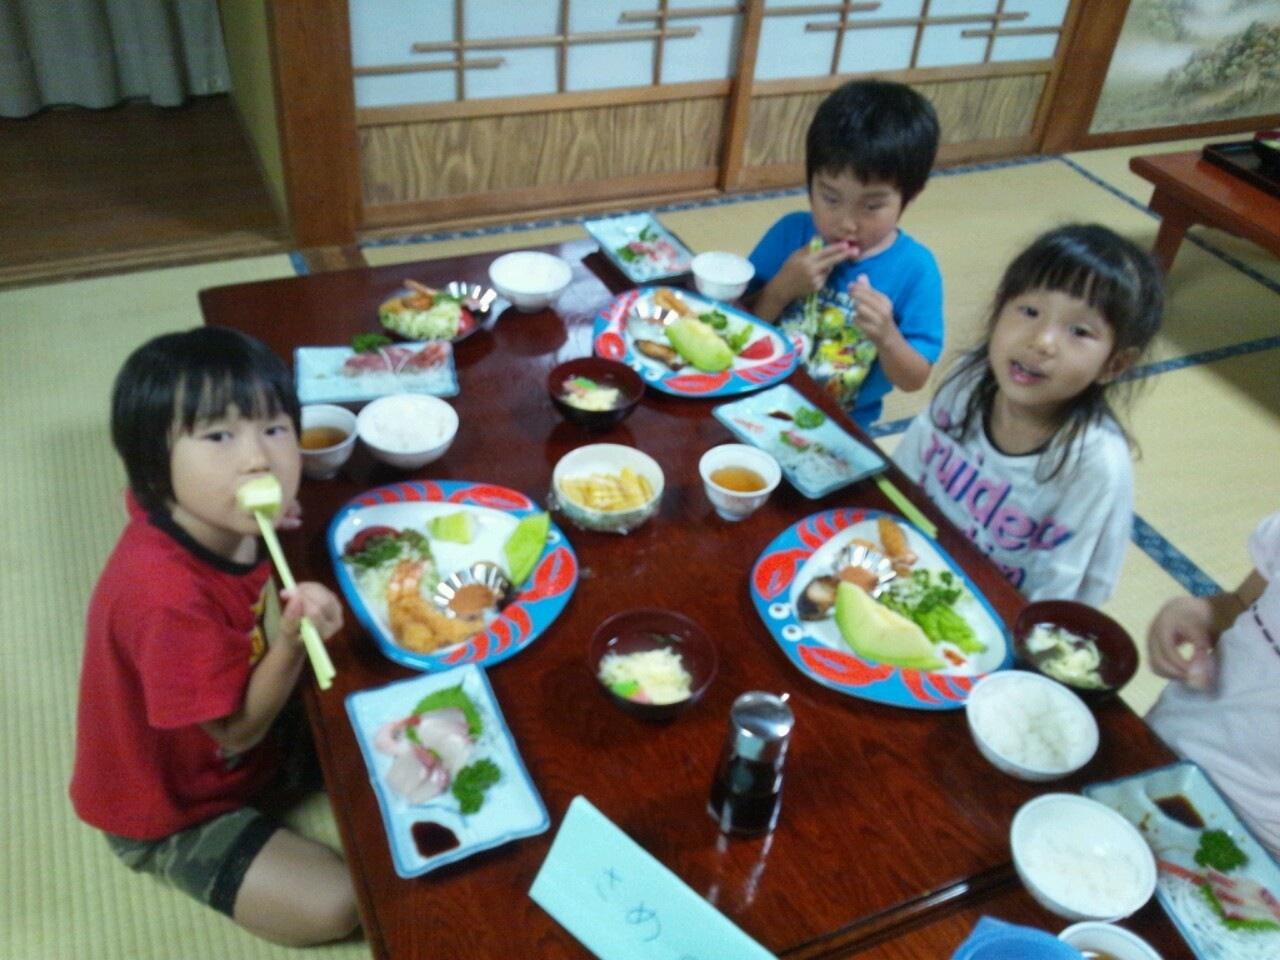 海合宿3 いまから晩御飯です♪_c0151262_19183969.jpg